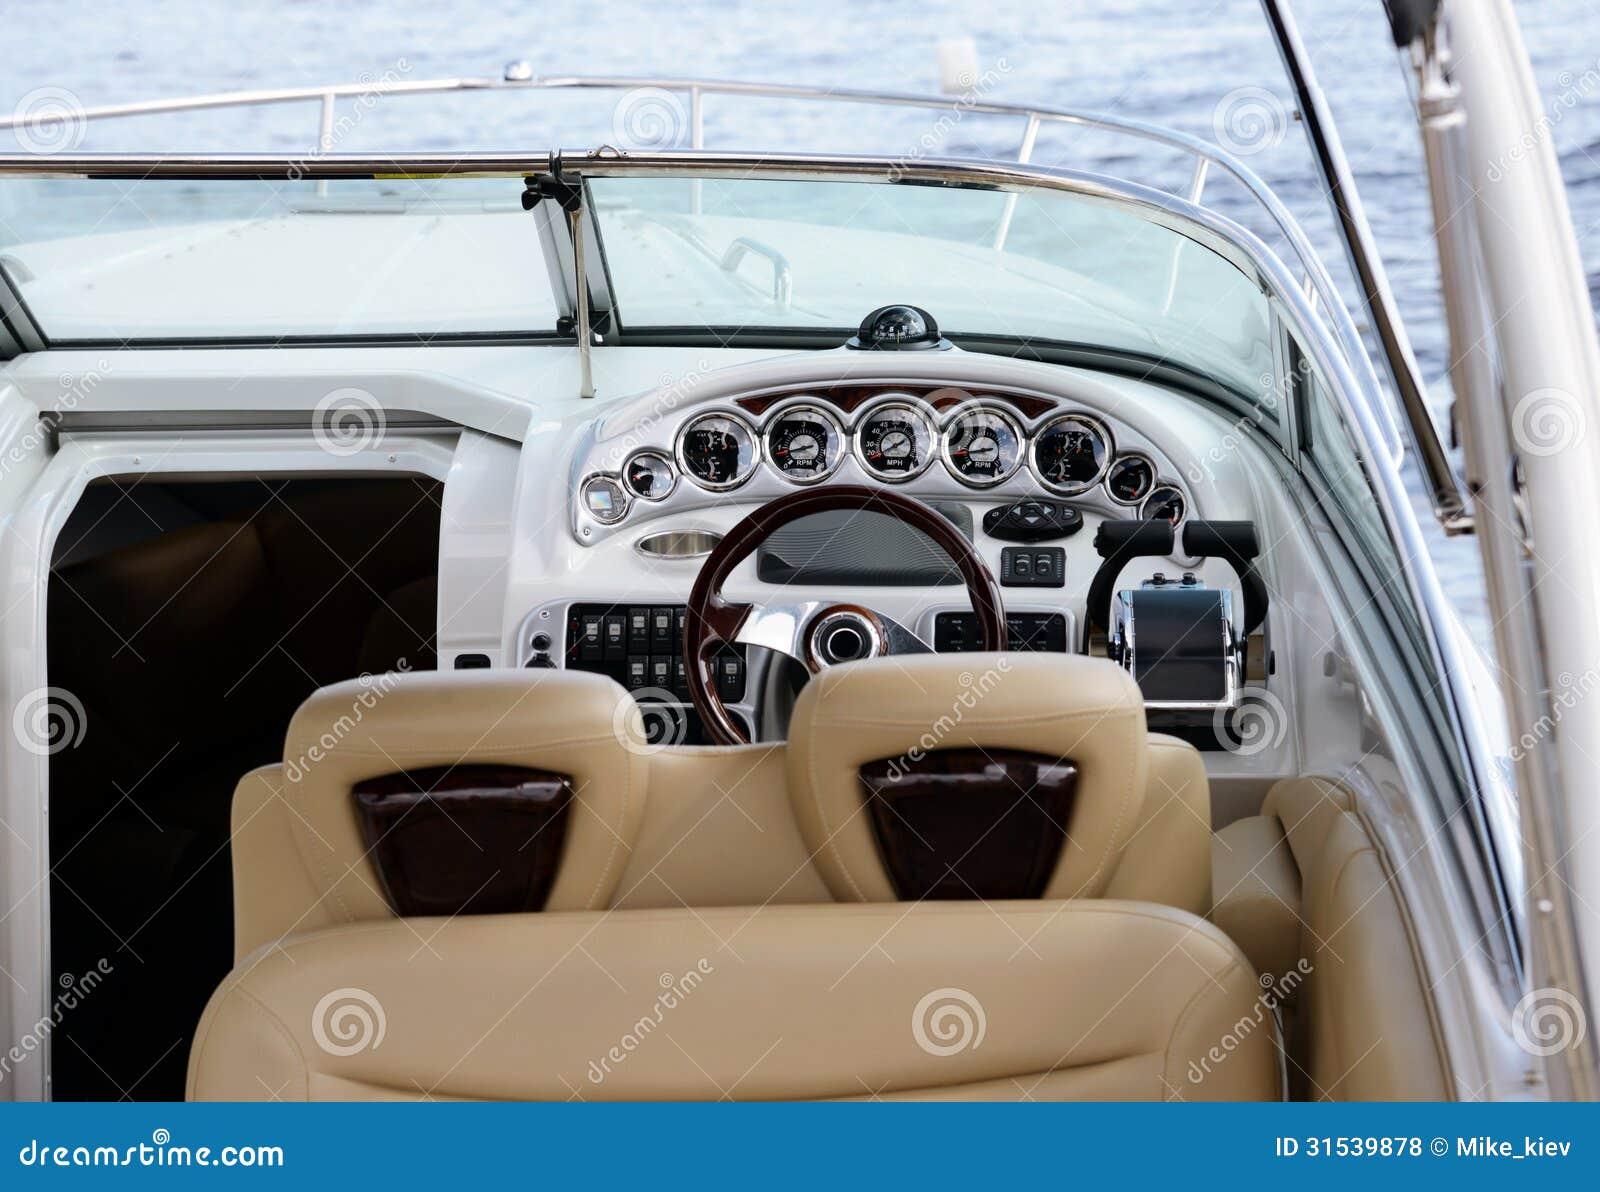 Plus d`images similaires à ` tableau de bord de bateau `